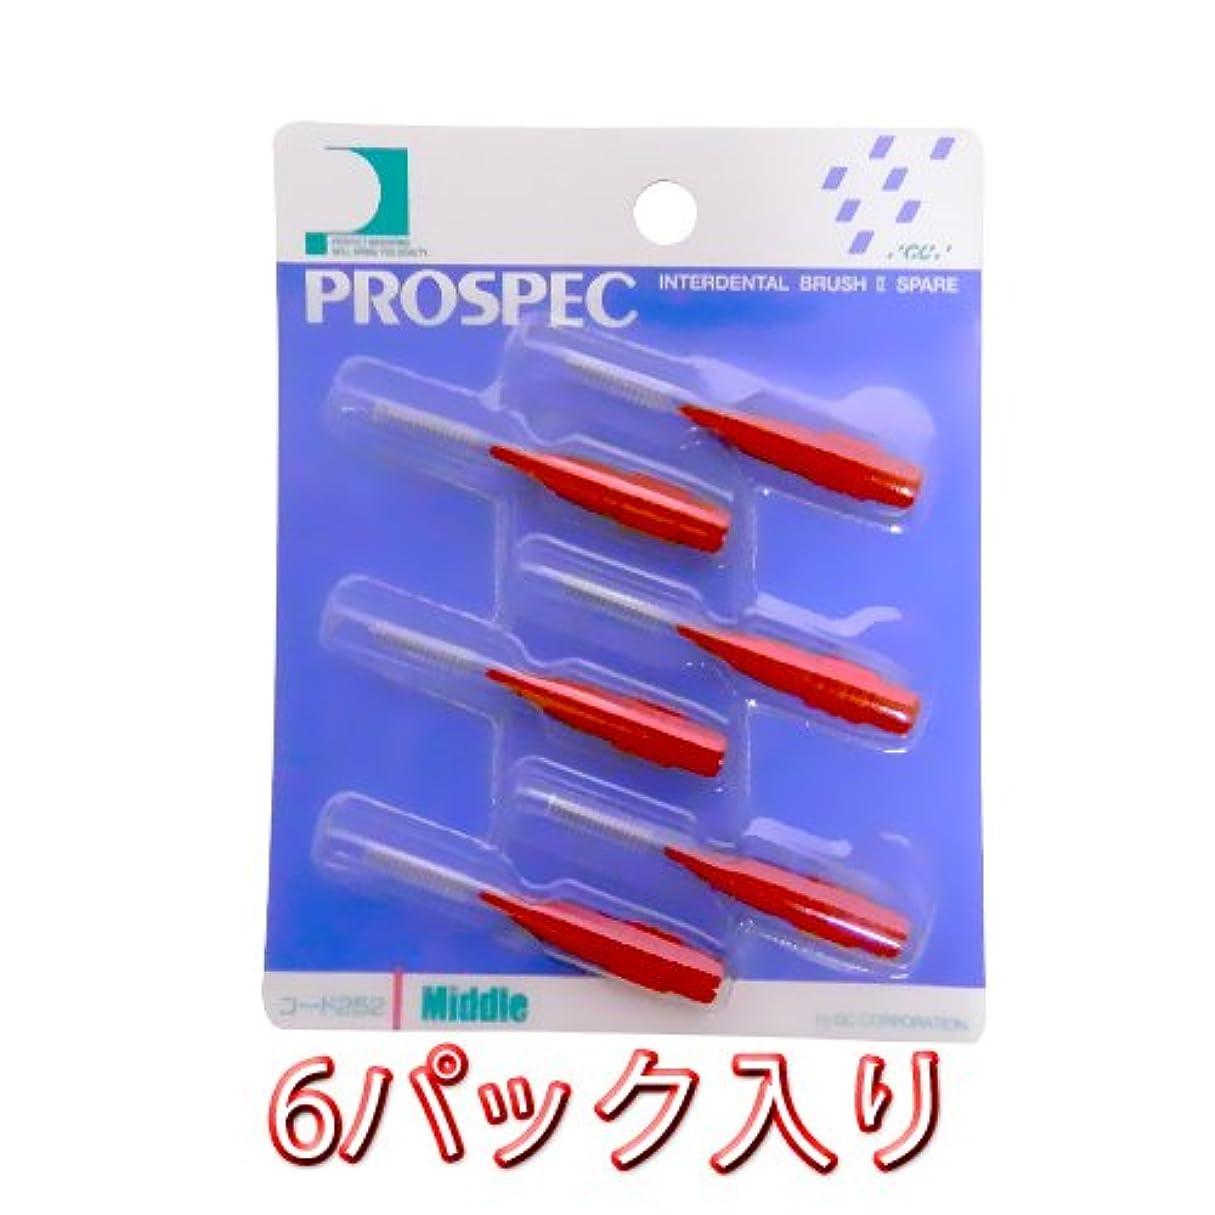 調停者矛盾する振り向くプロスペック 歯間ブラシ2 スペアー ブラシのみ6本入 × 6パック M レッド